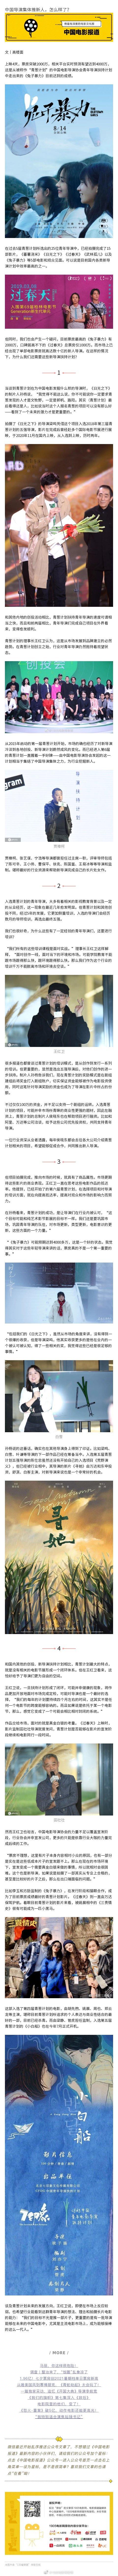 影视资讯中国导演集体推新人,怎么样了?